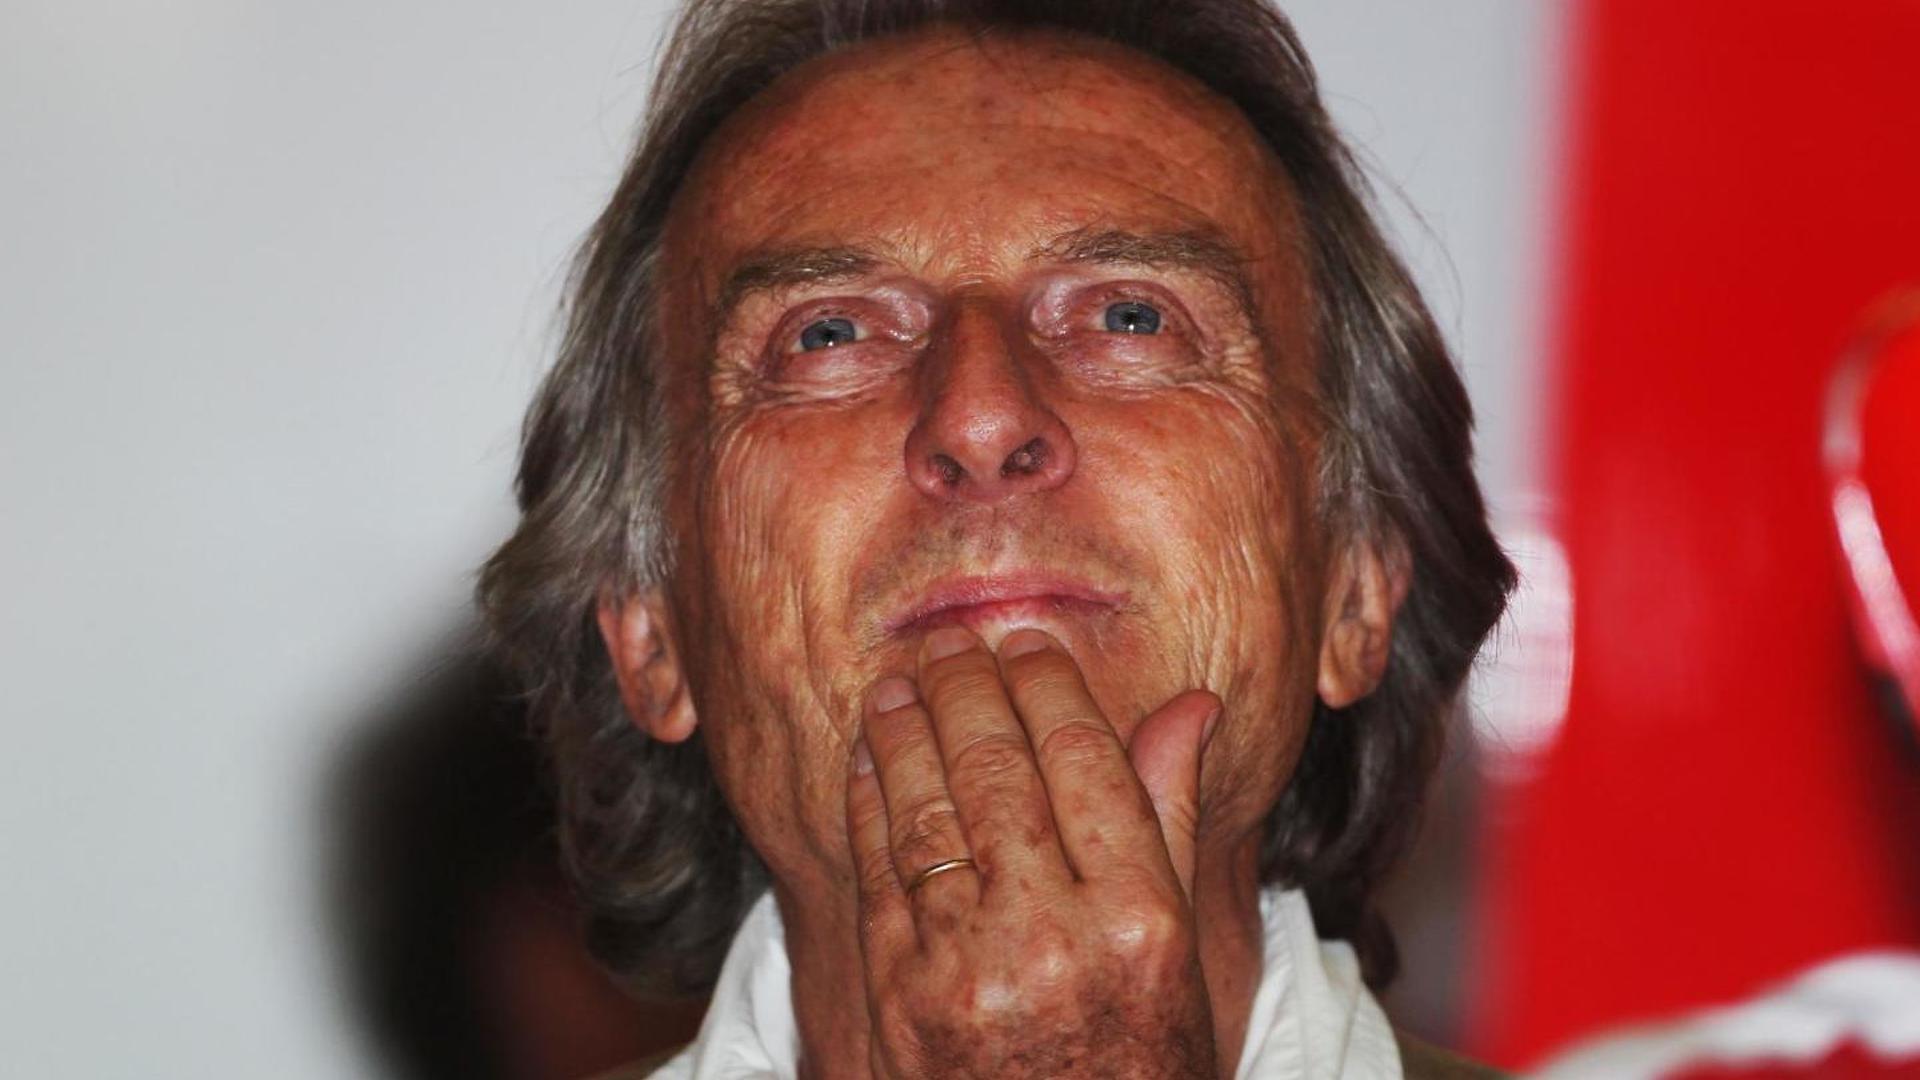 Montezemolo hints at F1 team budget boost